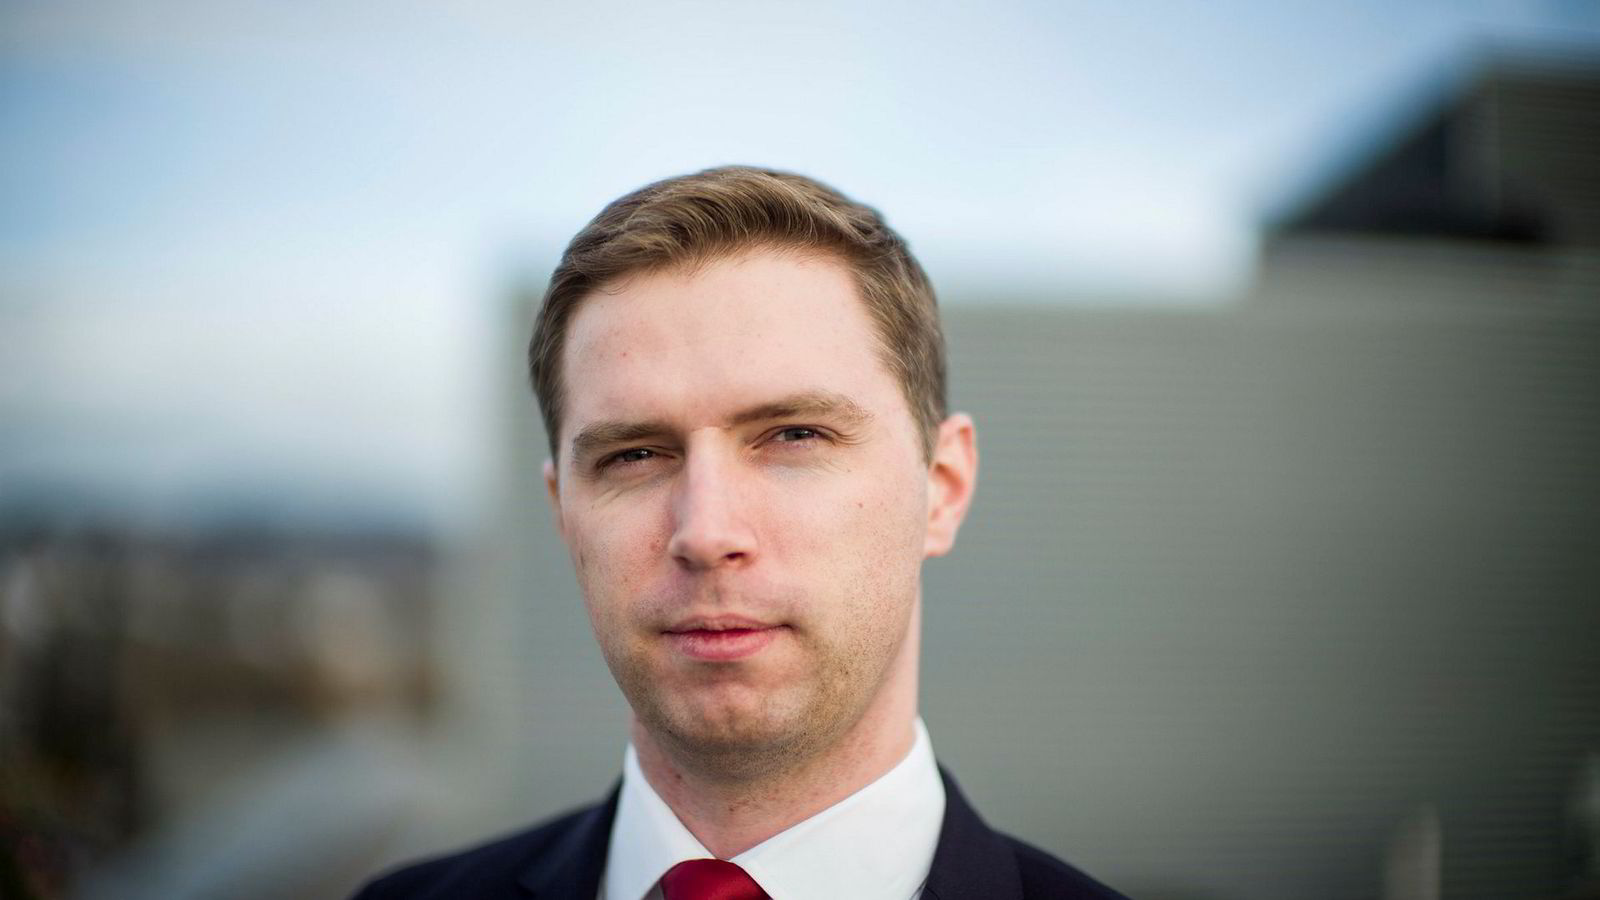 Porteføljeforvalter Alexander Larstedt Lager i Arctic Fund Management var fjorårets vinner av DNs porteføljekonkurranse. Nå er han på ny med å kjempe om seieren.